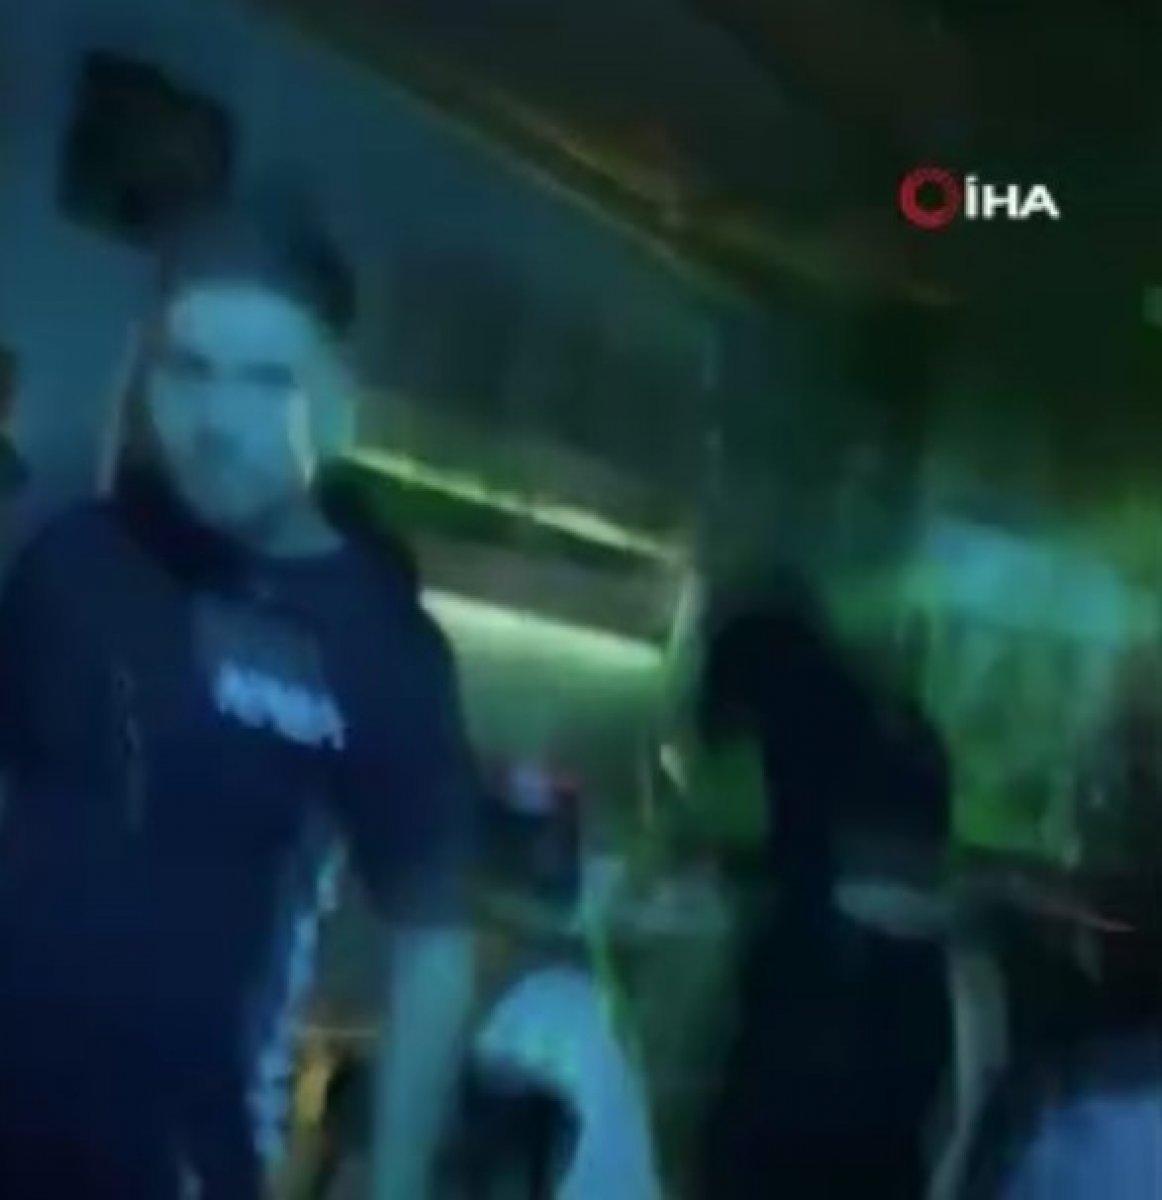 Beyoğlu nda gündüz lokanta, gece kulüp olarak kullanılan mekana baskın #1